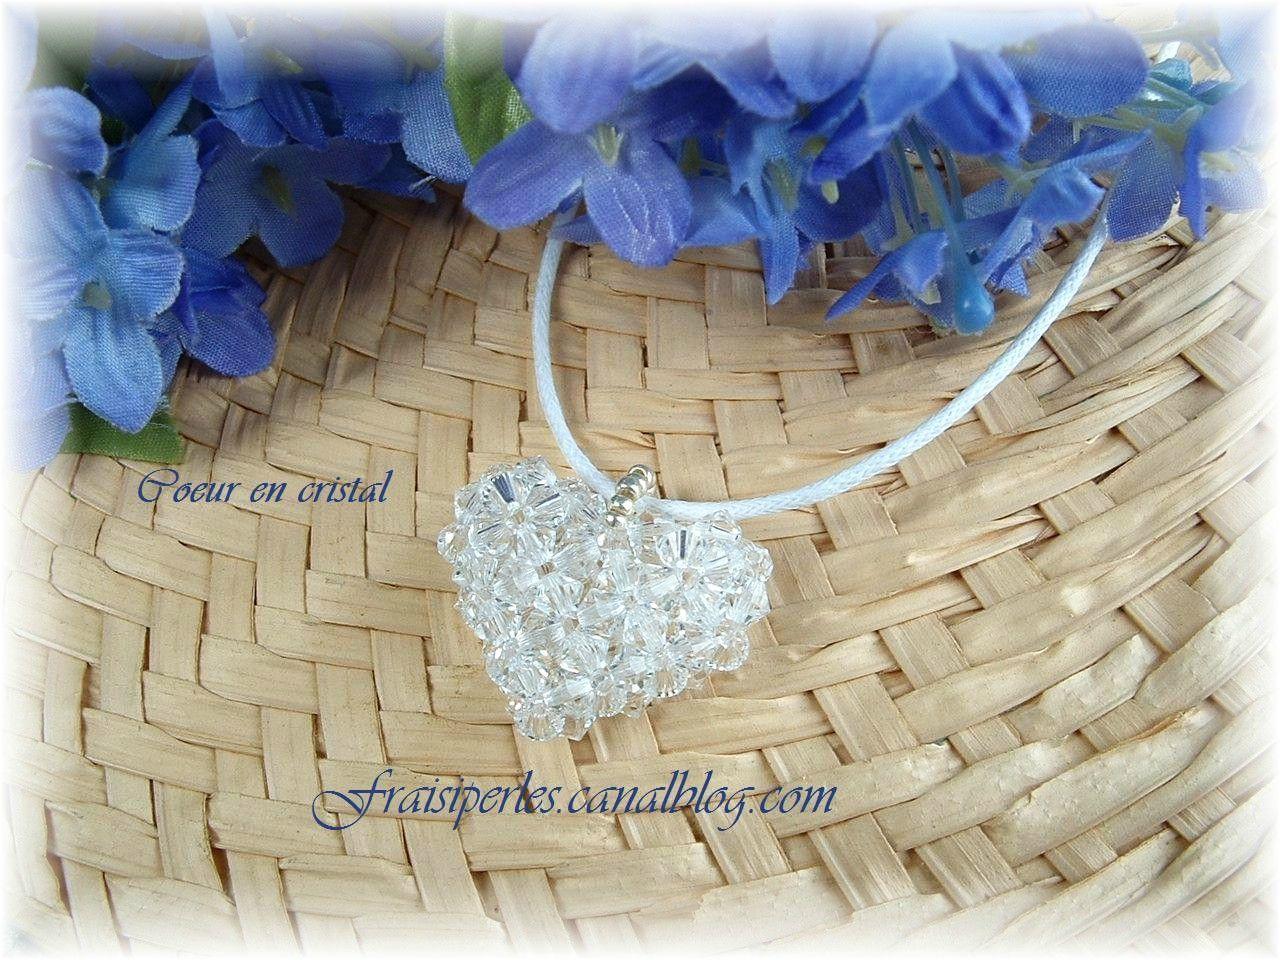 Coeur en cristal 1